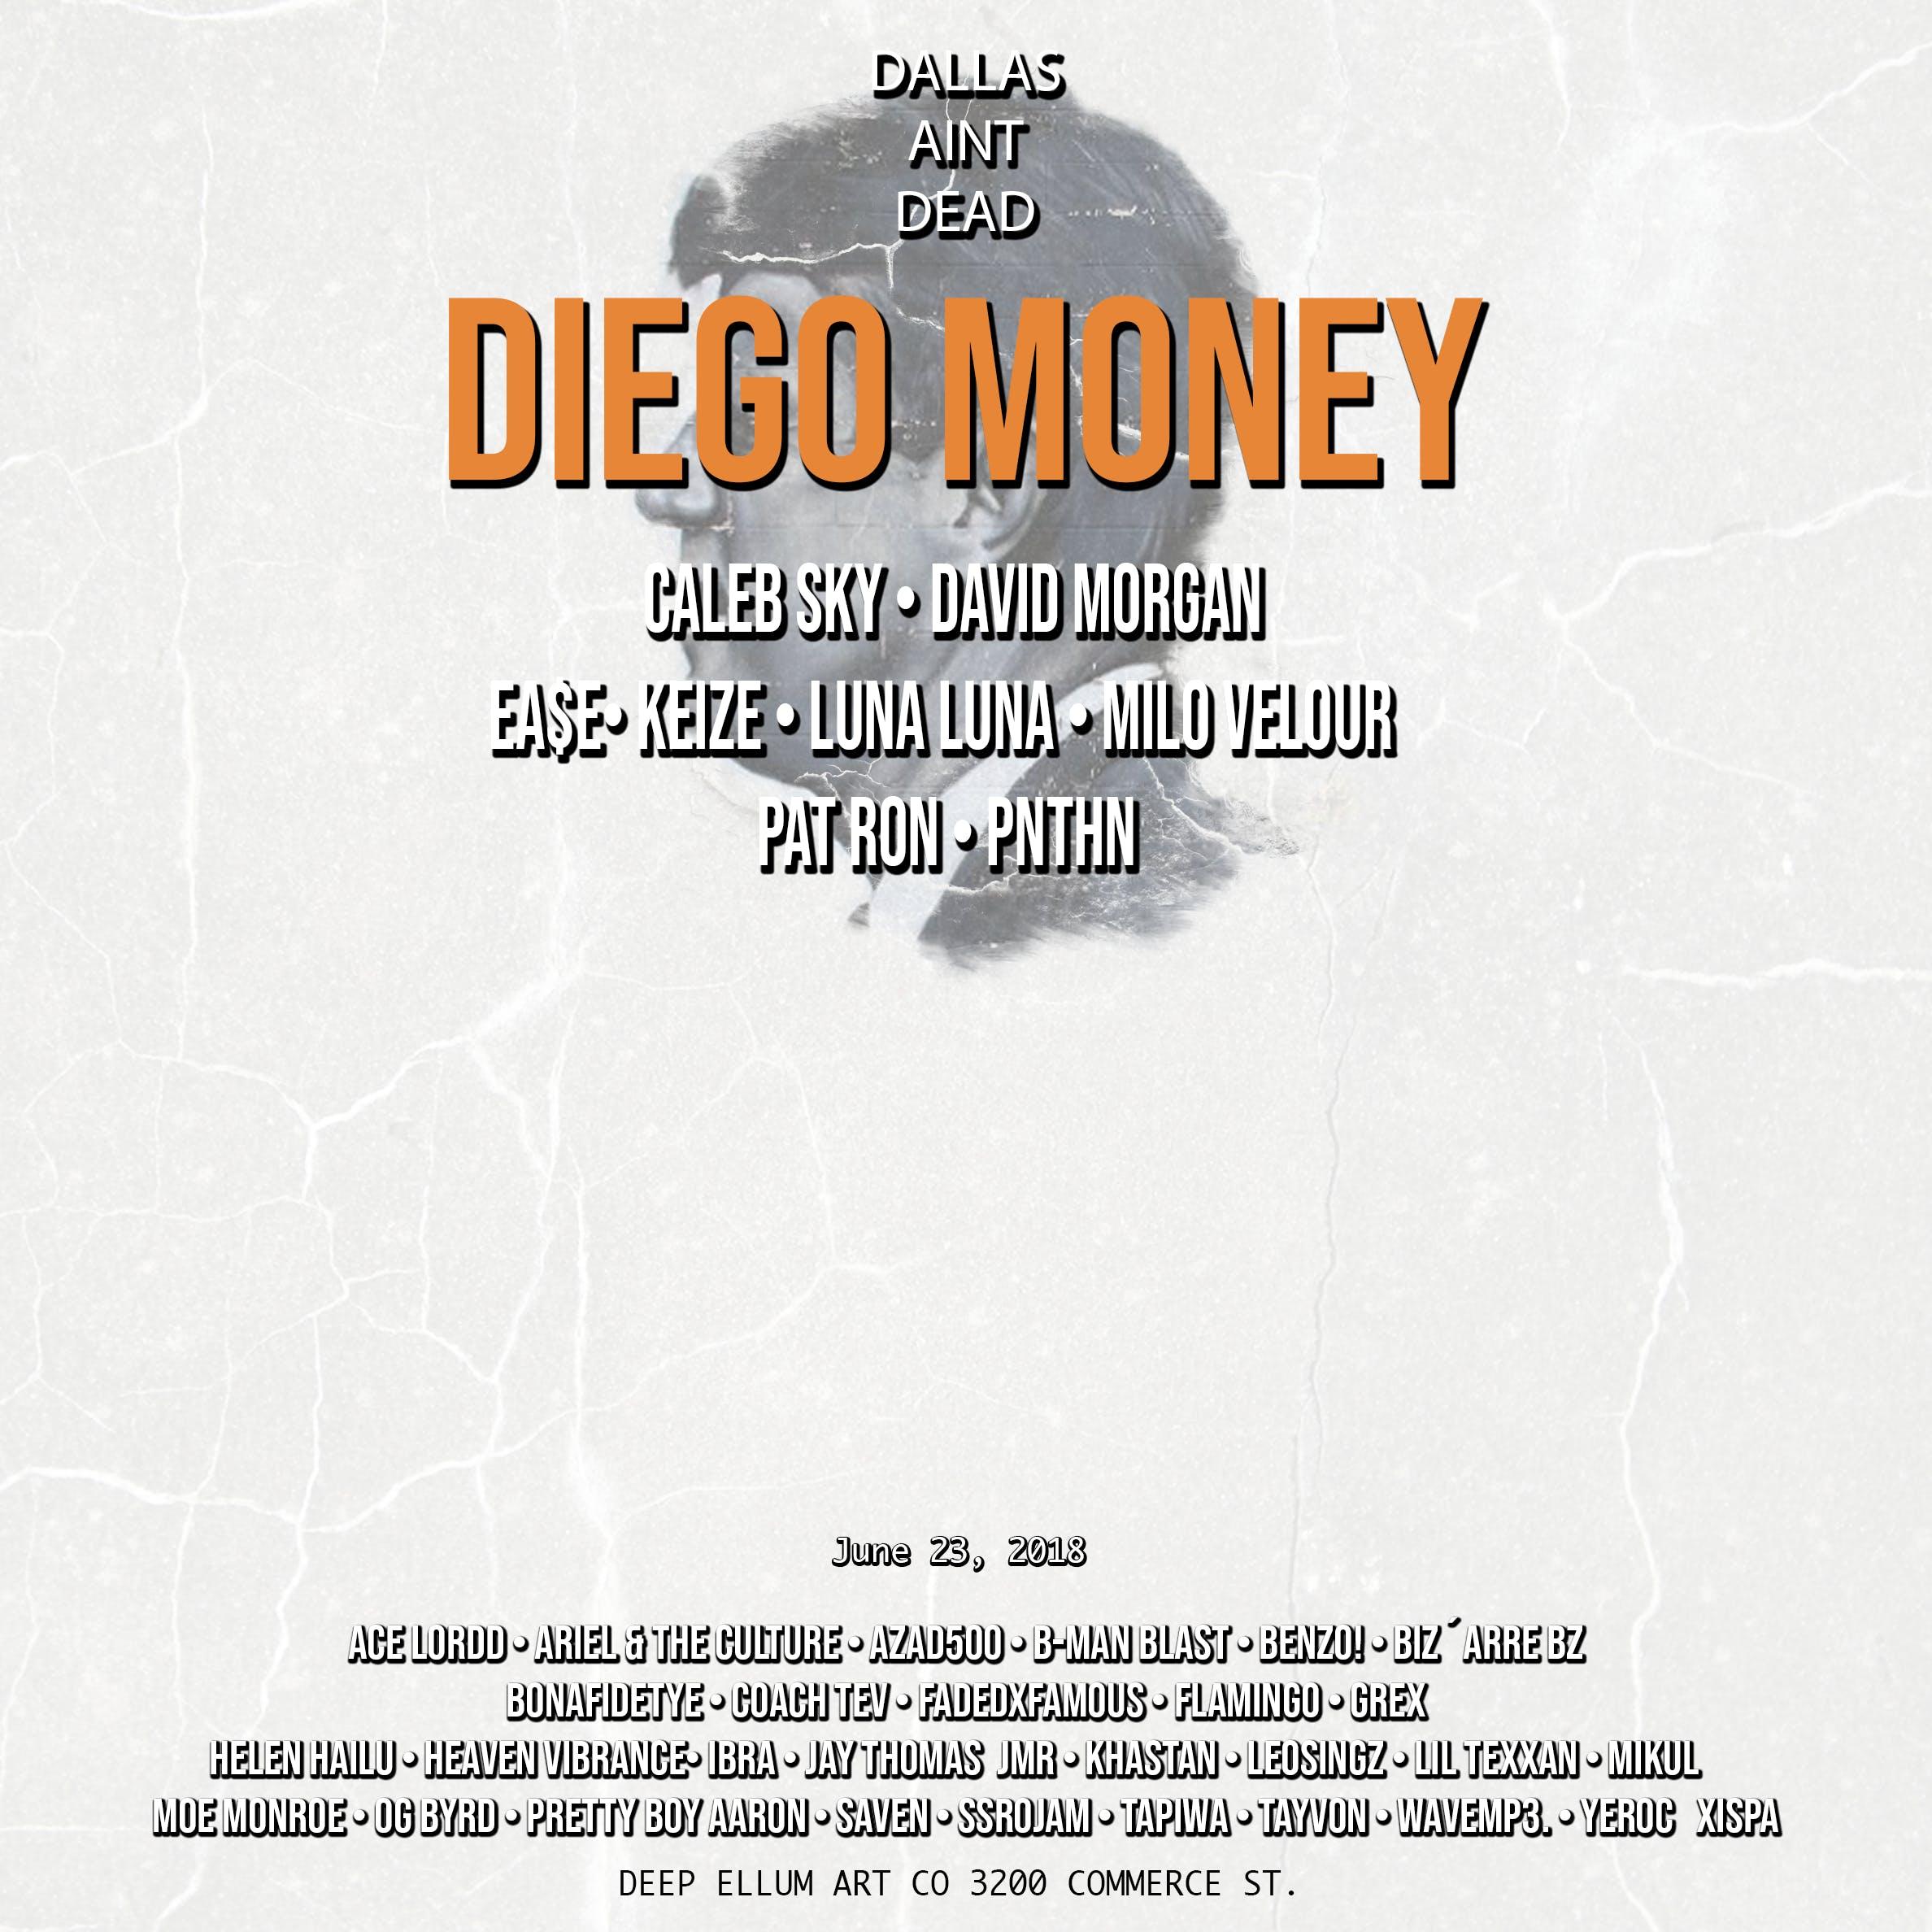 Dallas Ain't Dead